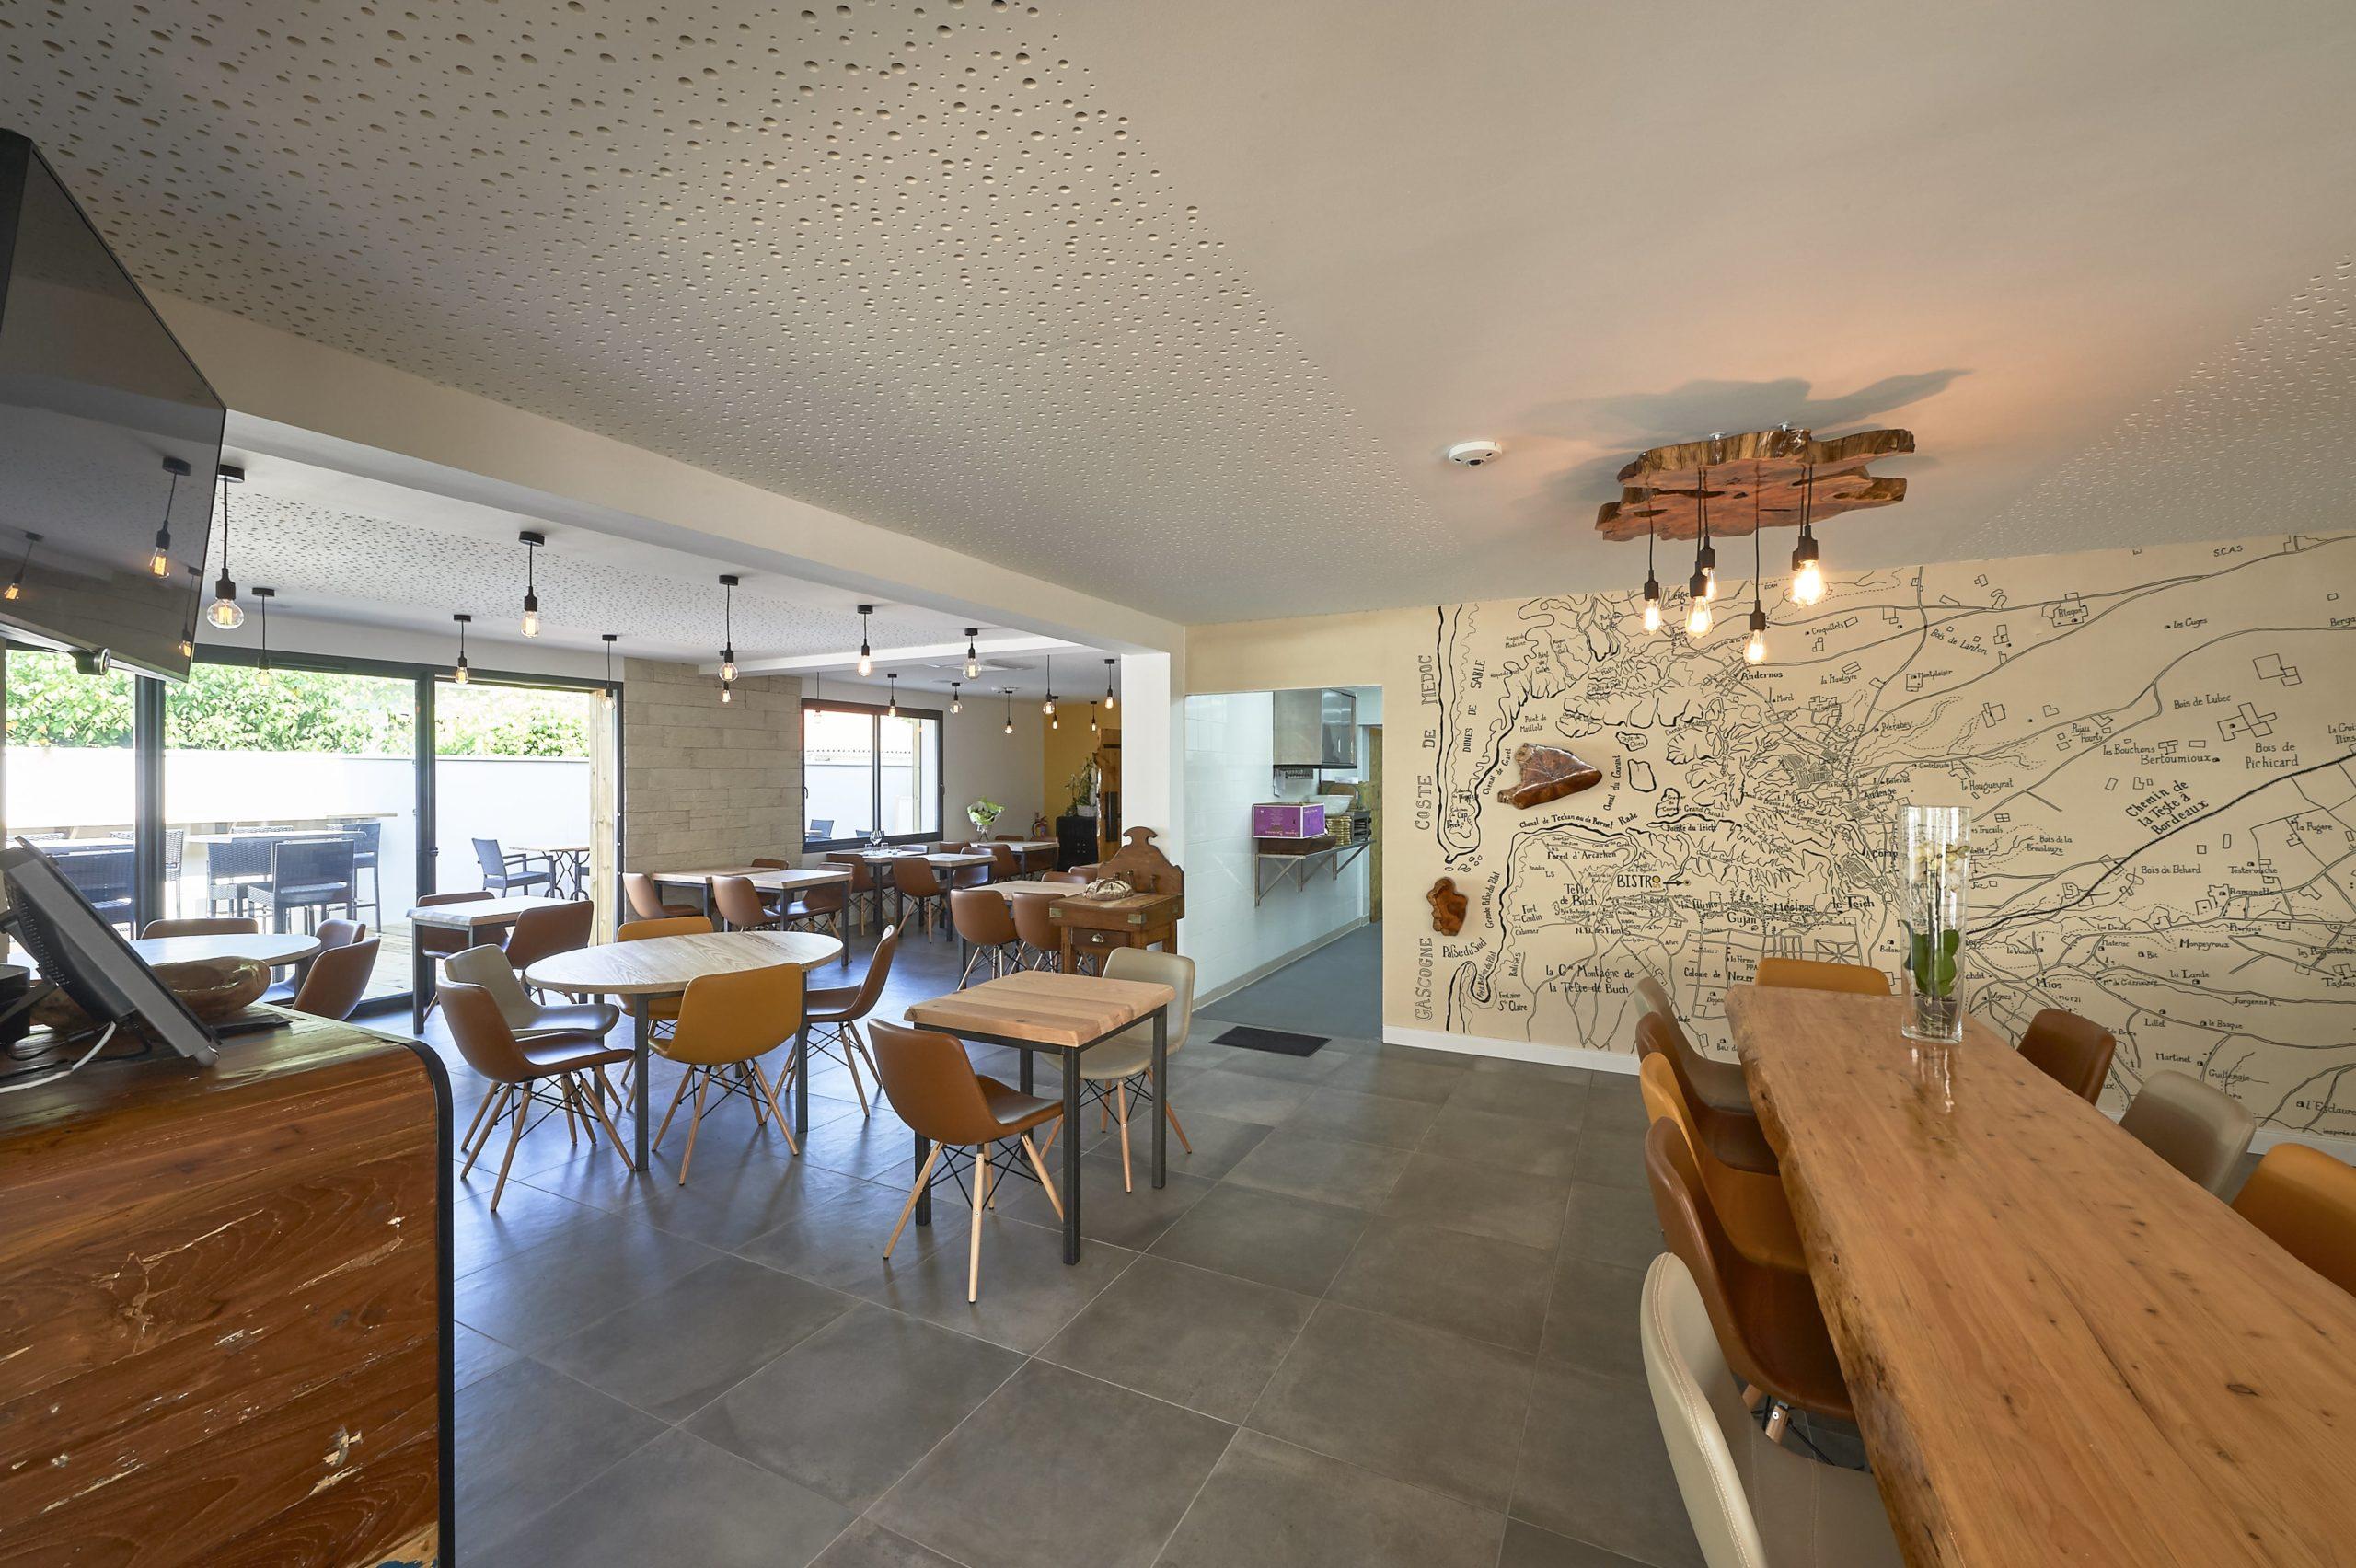 Atelier Plurielles Architectures Rénovation restaurant Gujan Mestras - salle de restaurant